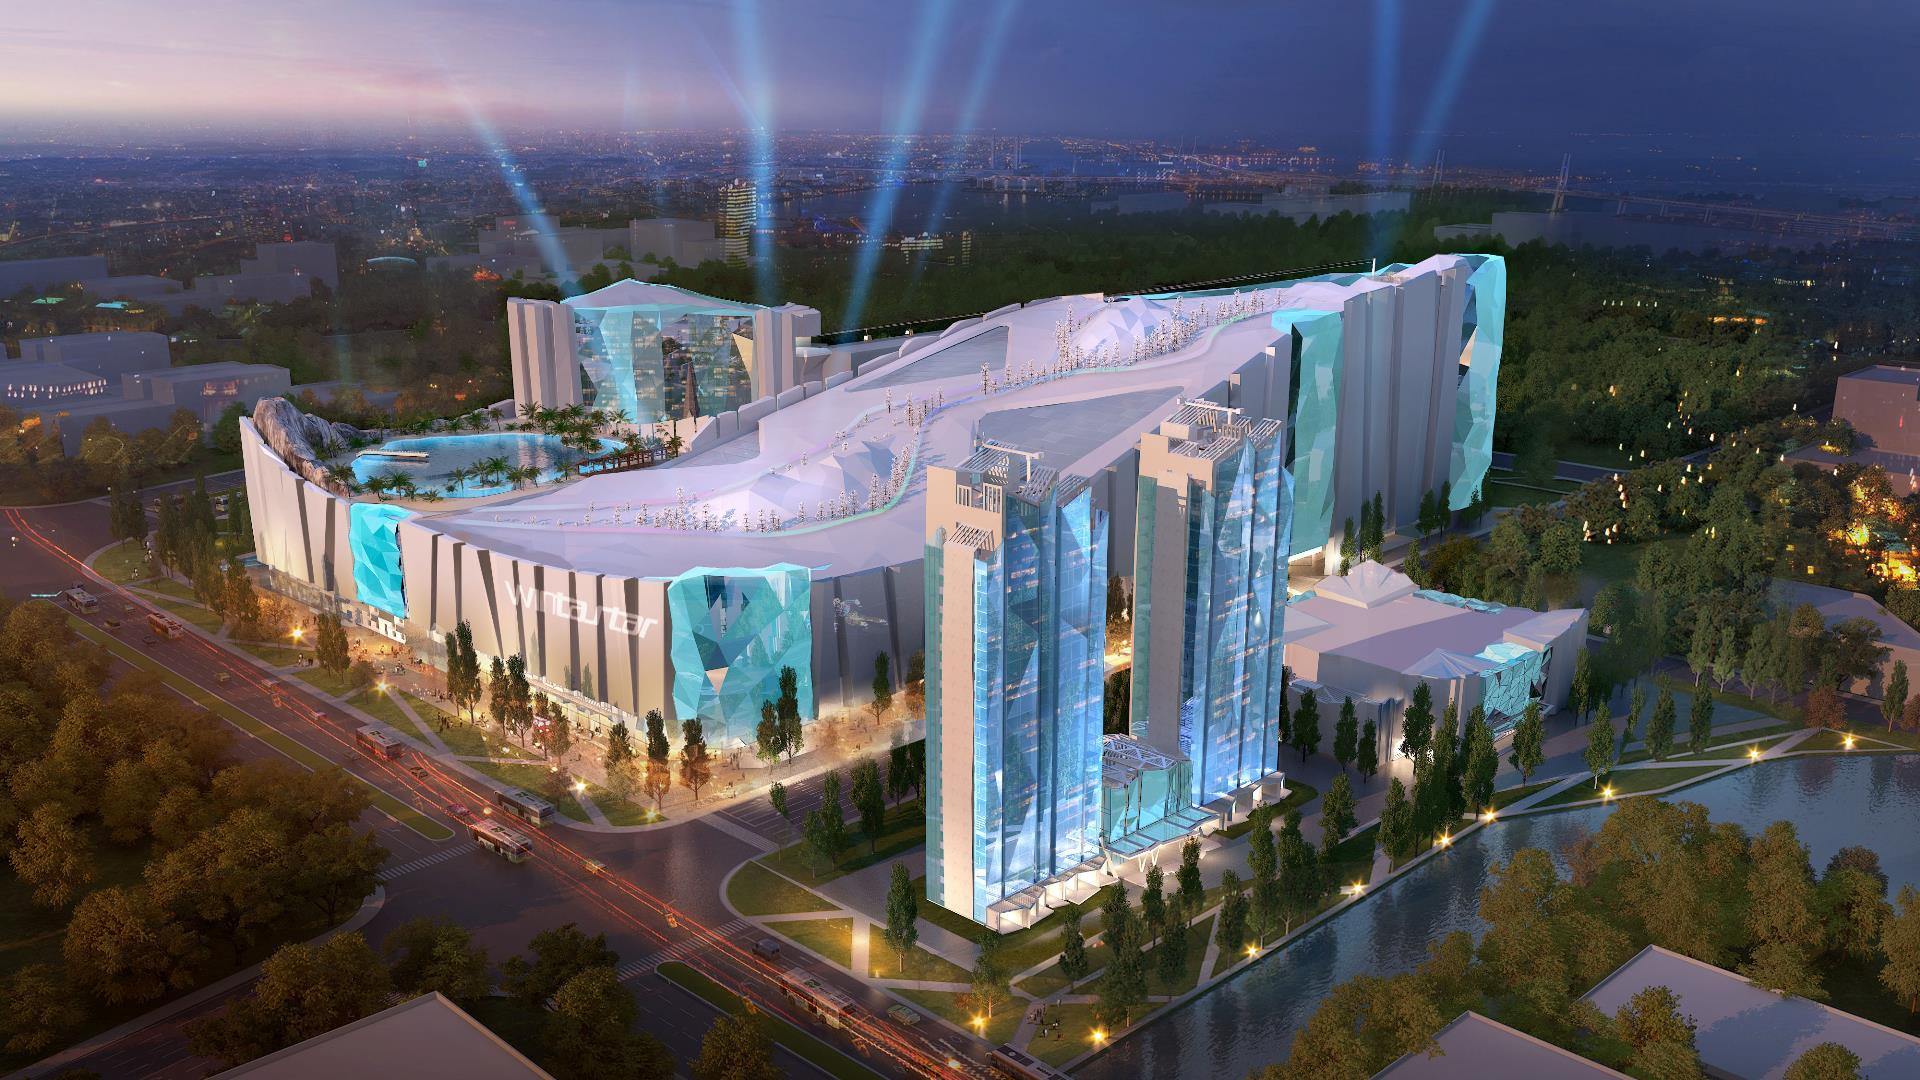 La pista de esquí cubierta más grande del mundo tendrá un hotel de hielo